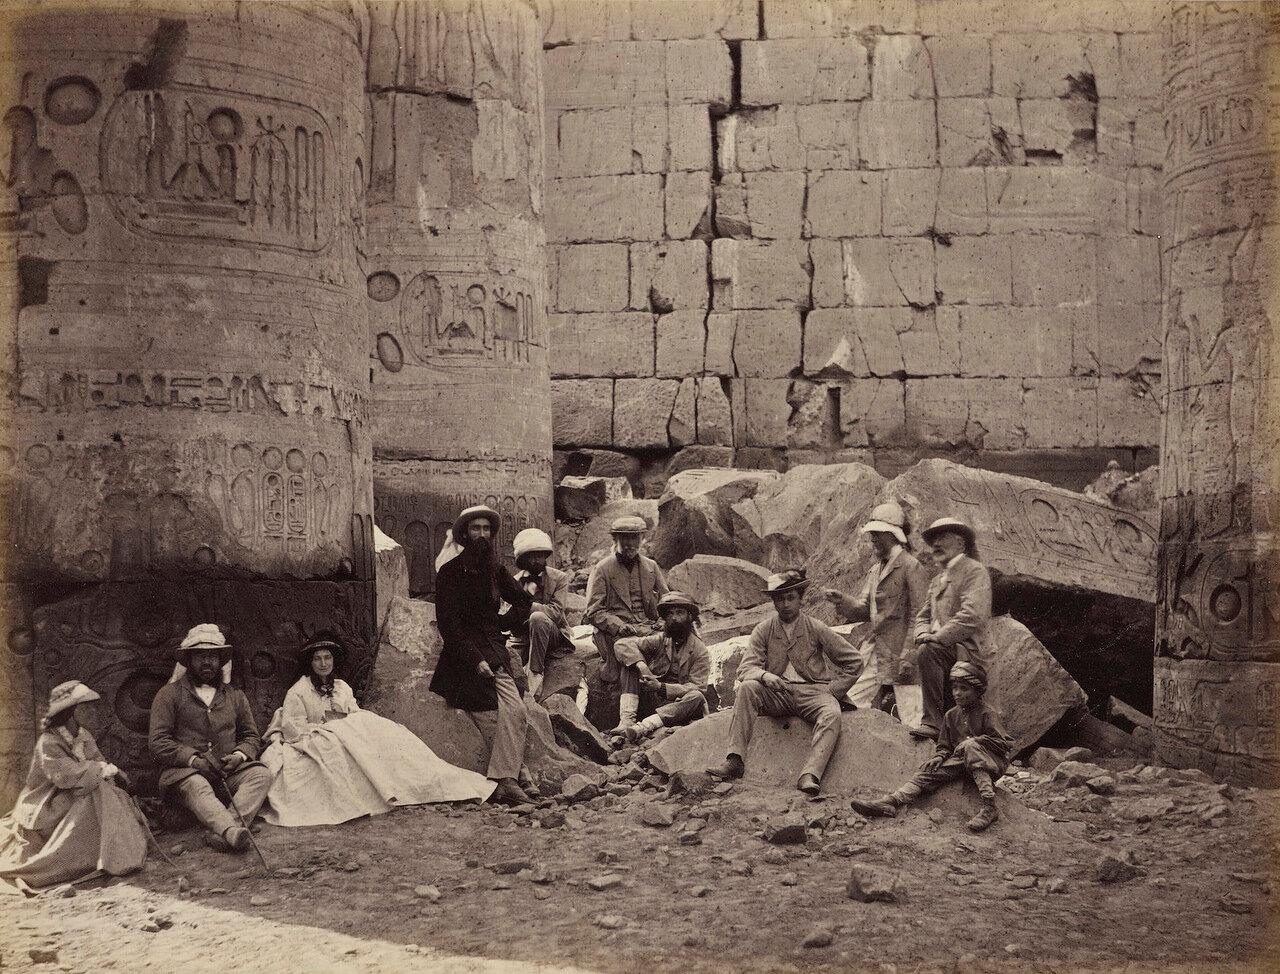 Март 1862. Принц Уэльский со спутниками среди руин в гипостильном зале храма Амона, Карнак